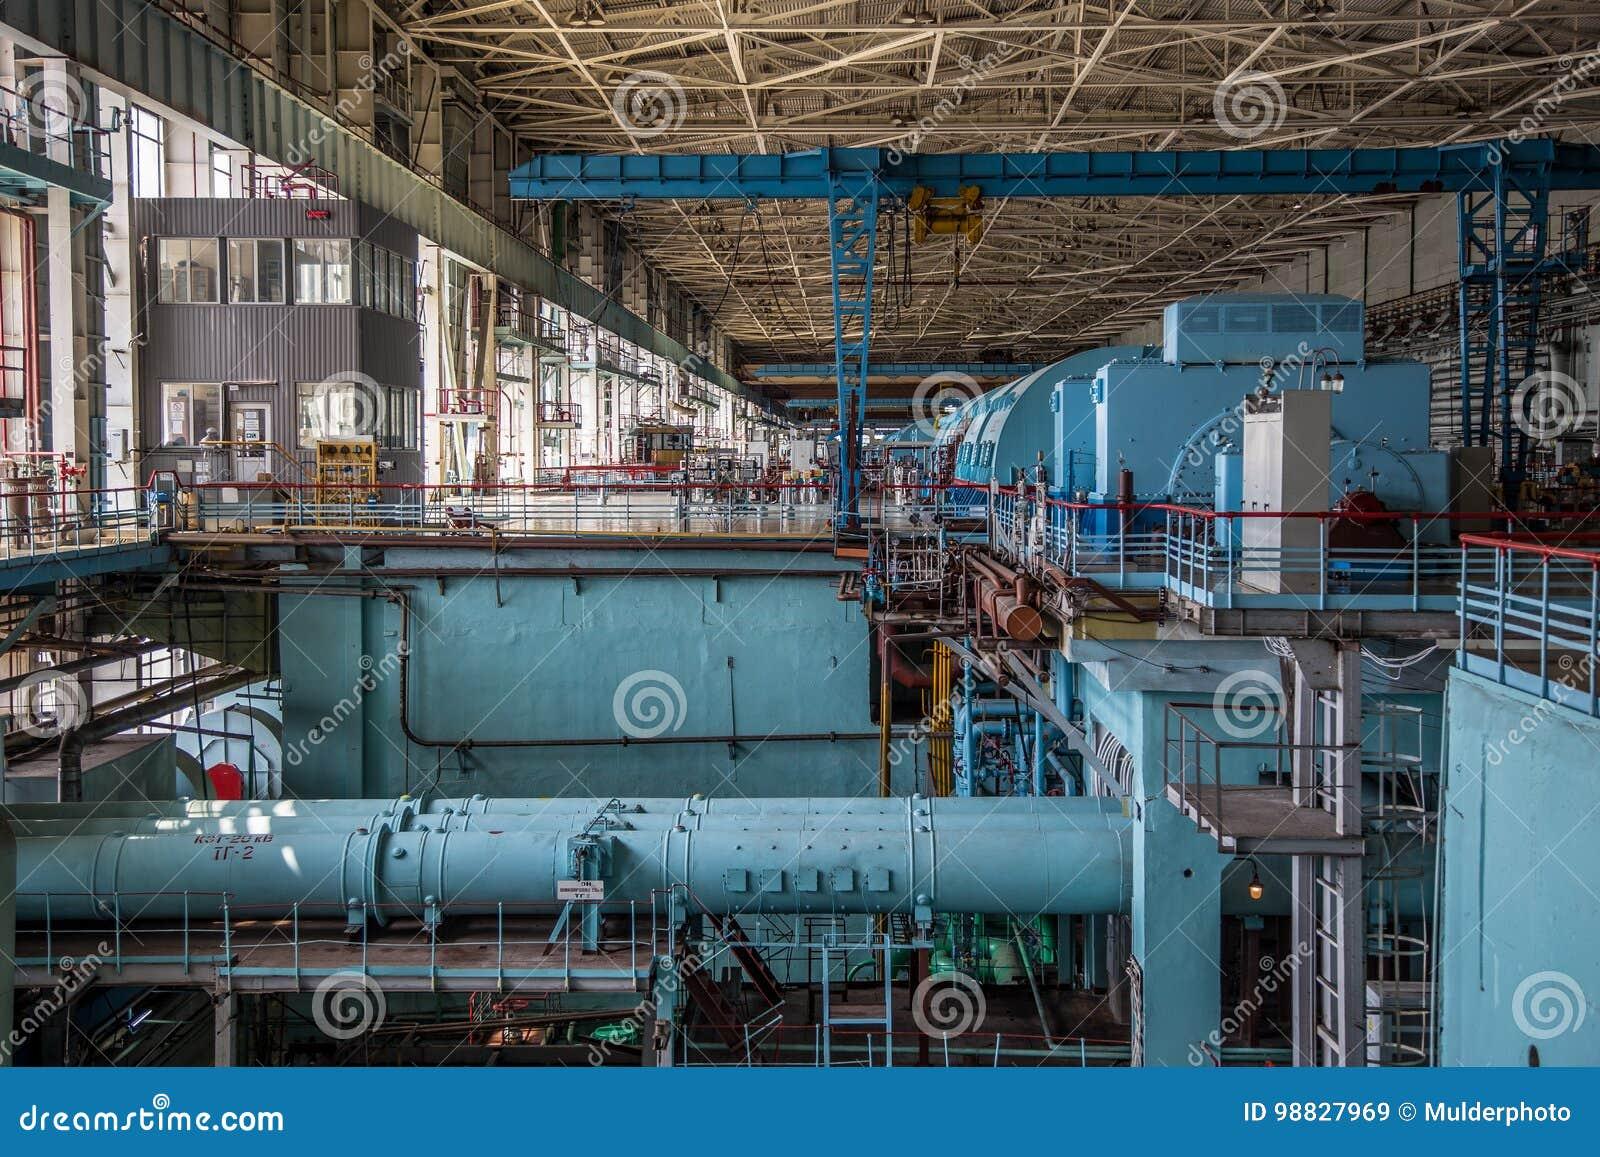 Δωμάτιο μηχανημάτων του πυρηνικού σταθμού